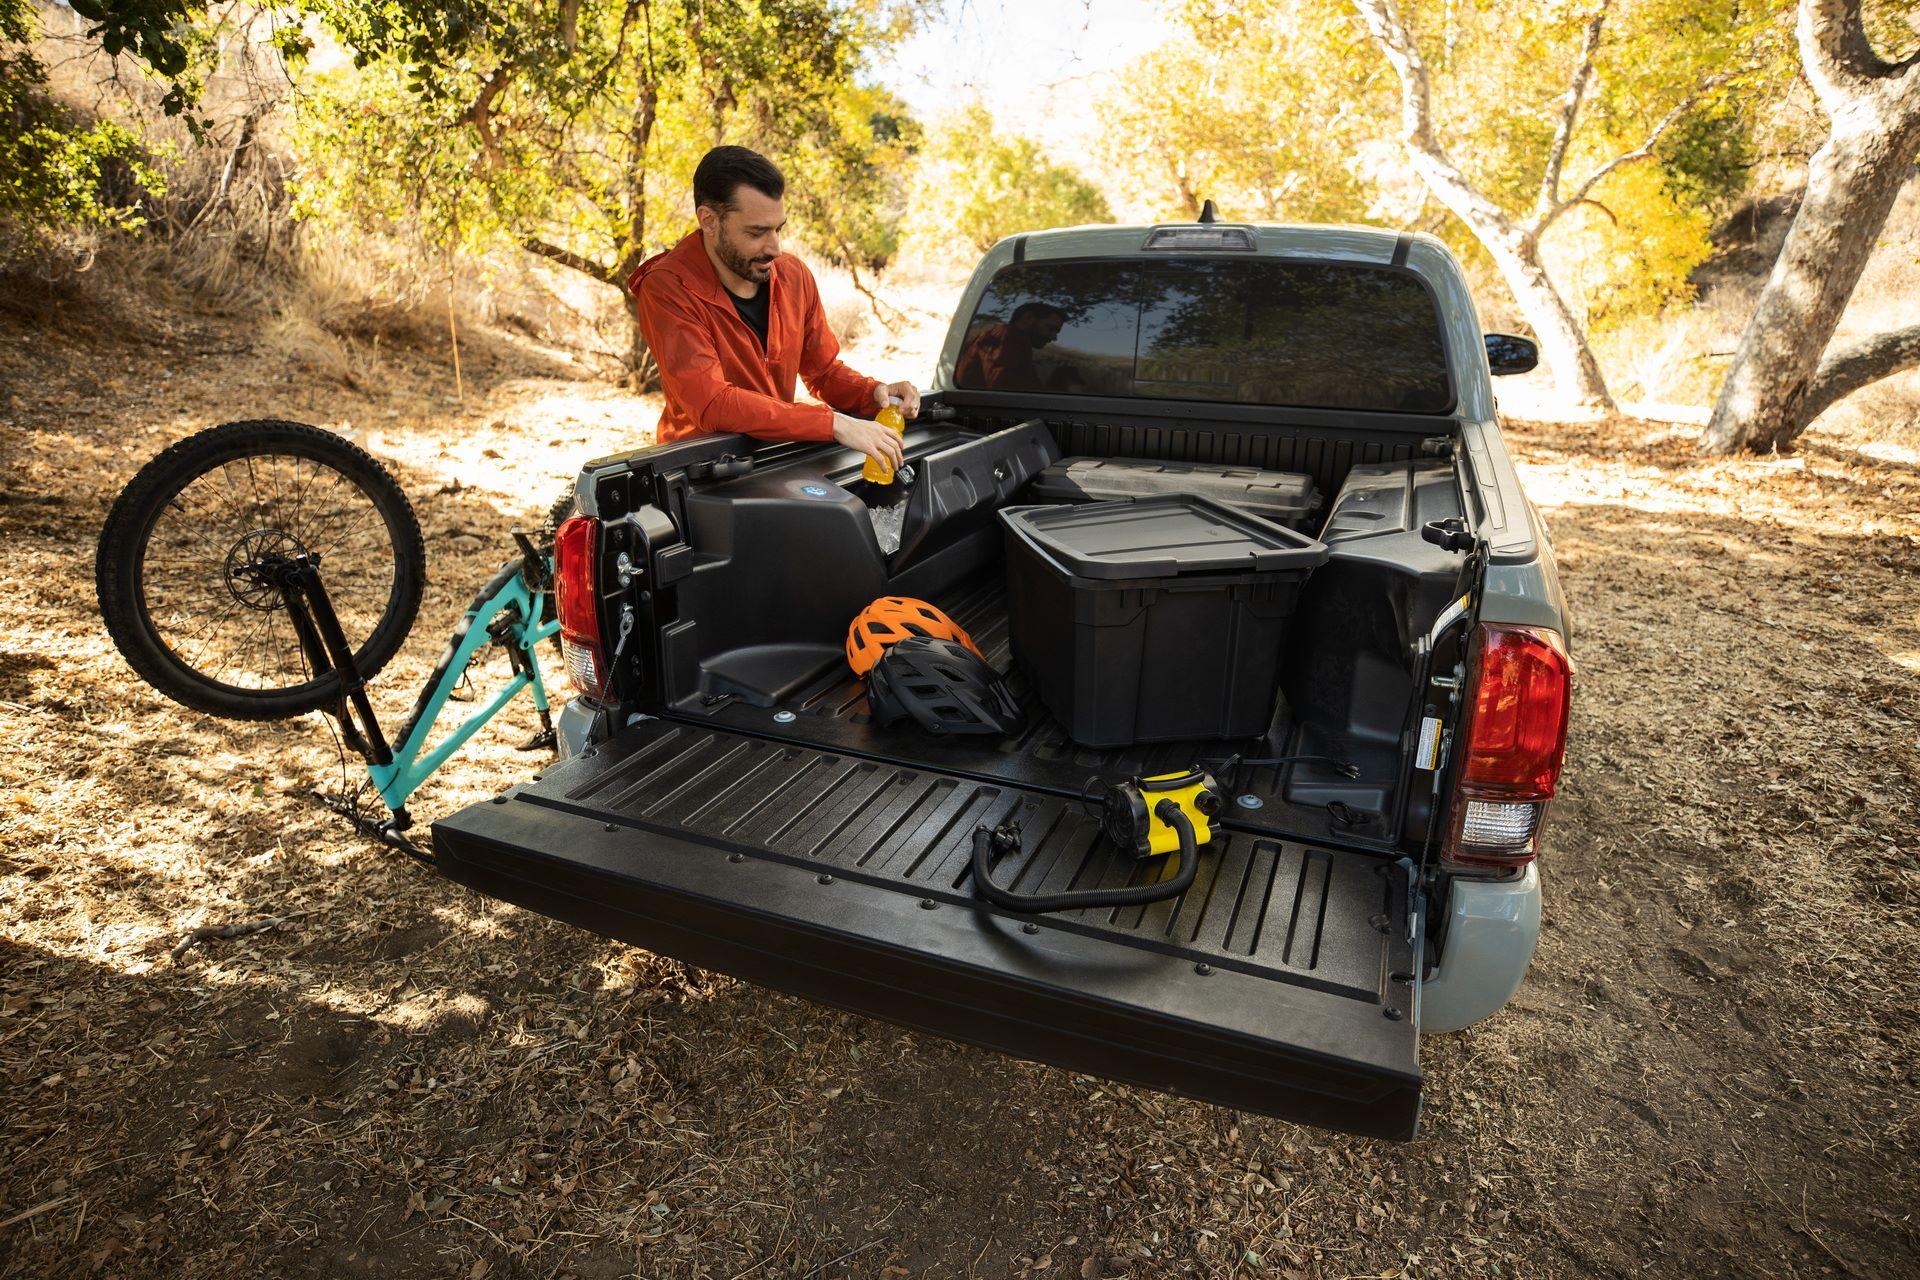 Toyota-Tacoma-TRD-Pro-and-Tacoma-Trail-Edition-9